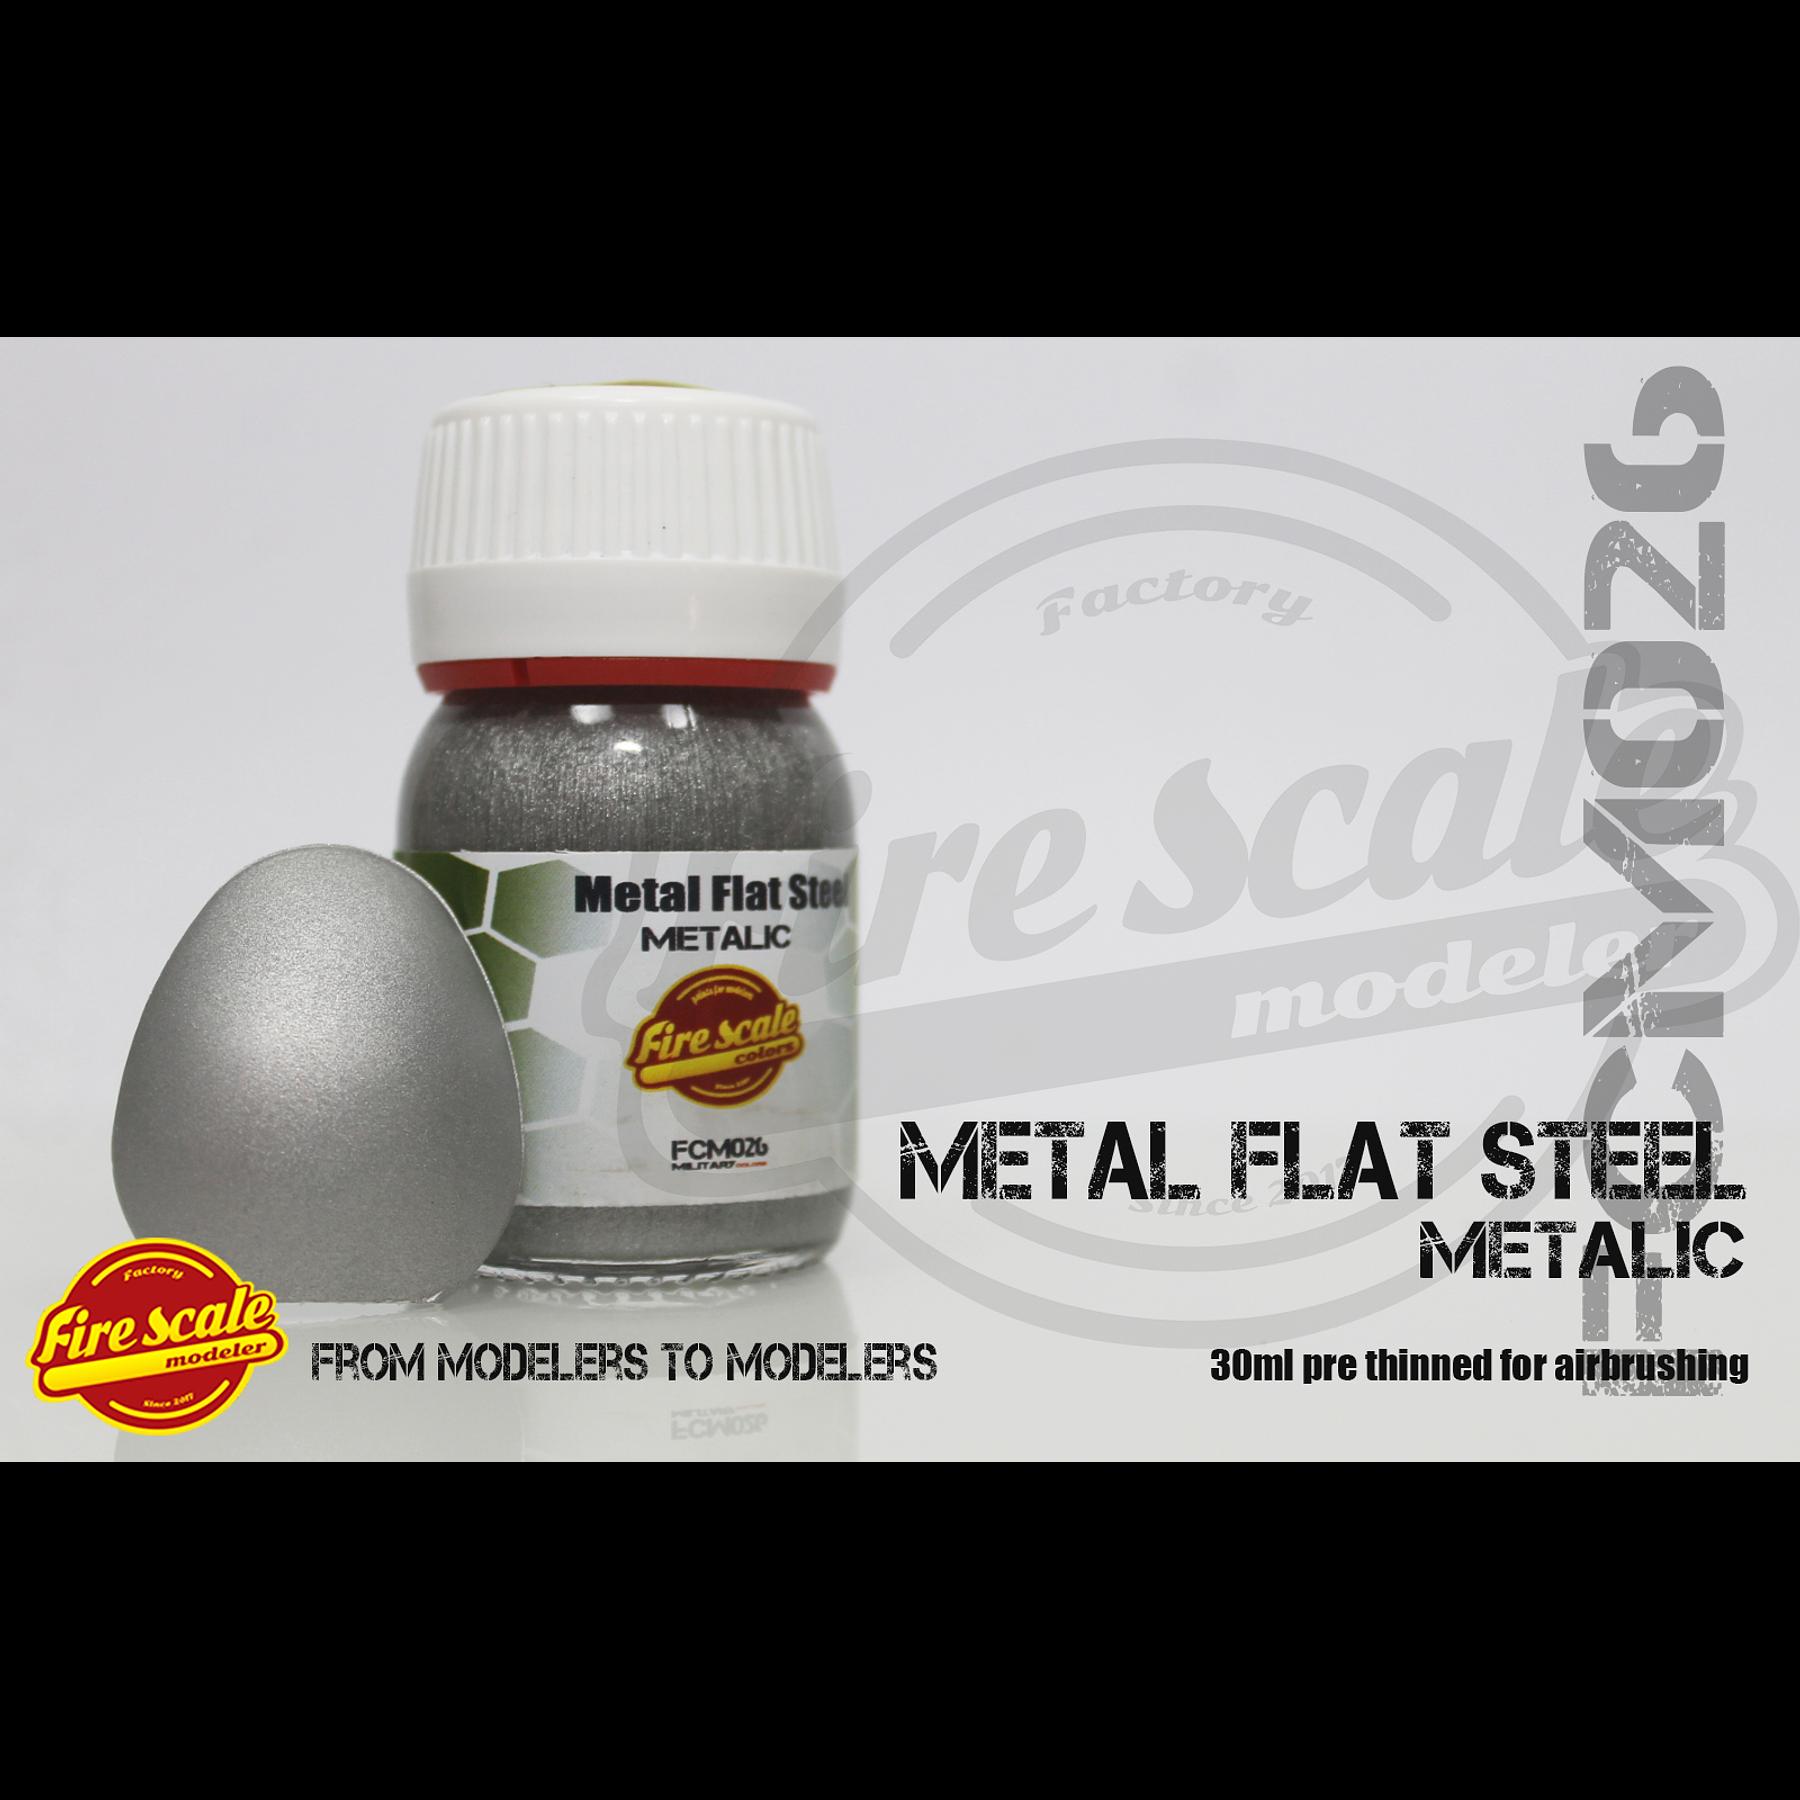 Metal Flat Steel